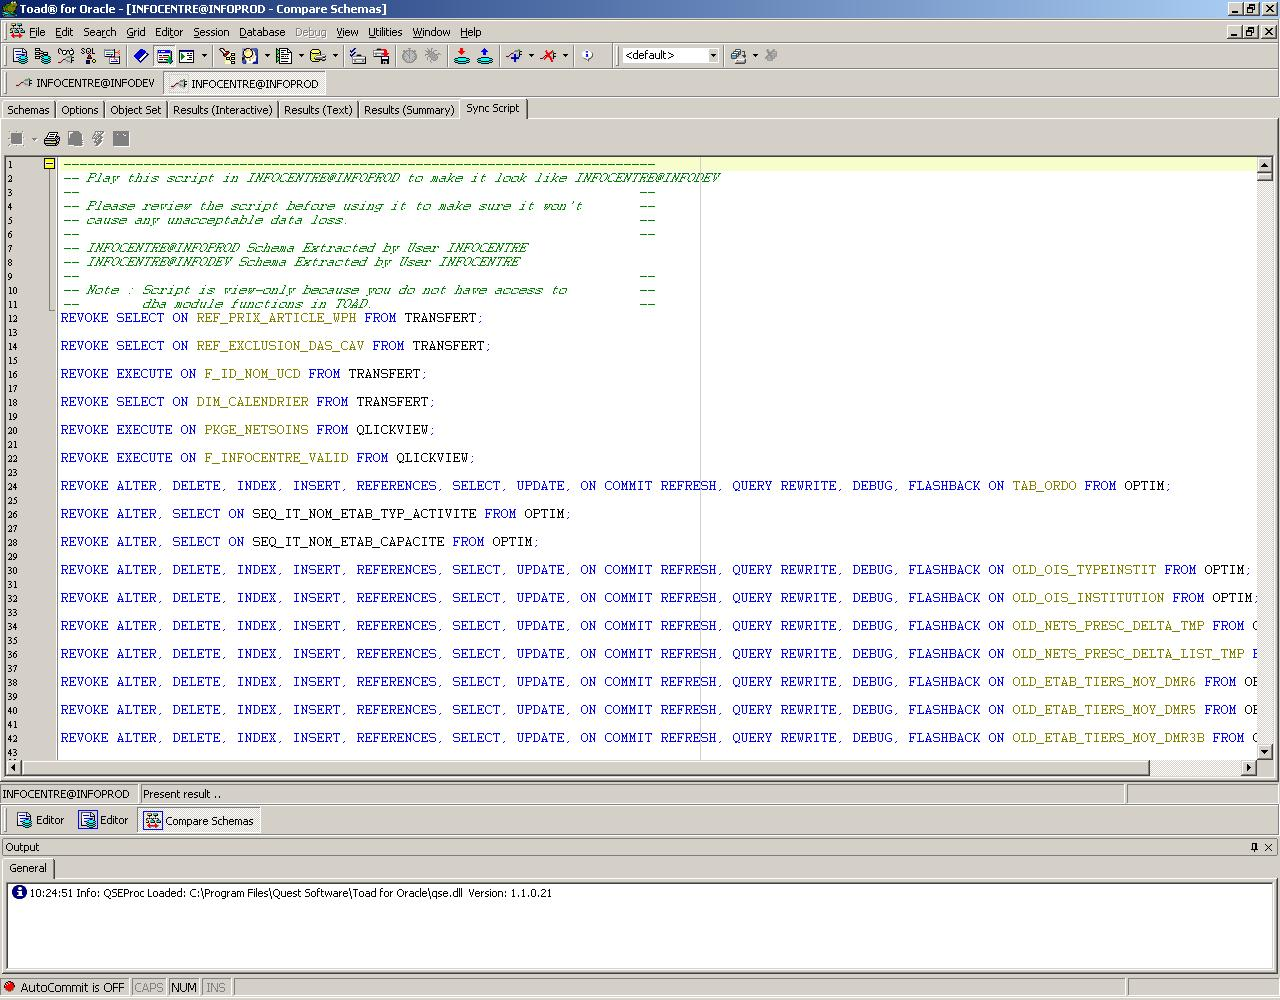 TOAD résultat comparaison schéma - script mise à niveau d'environnement Oracle